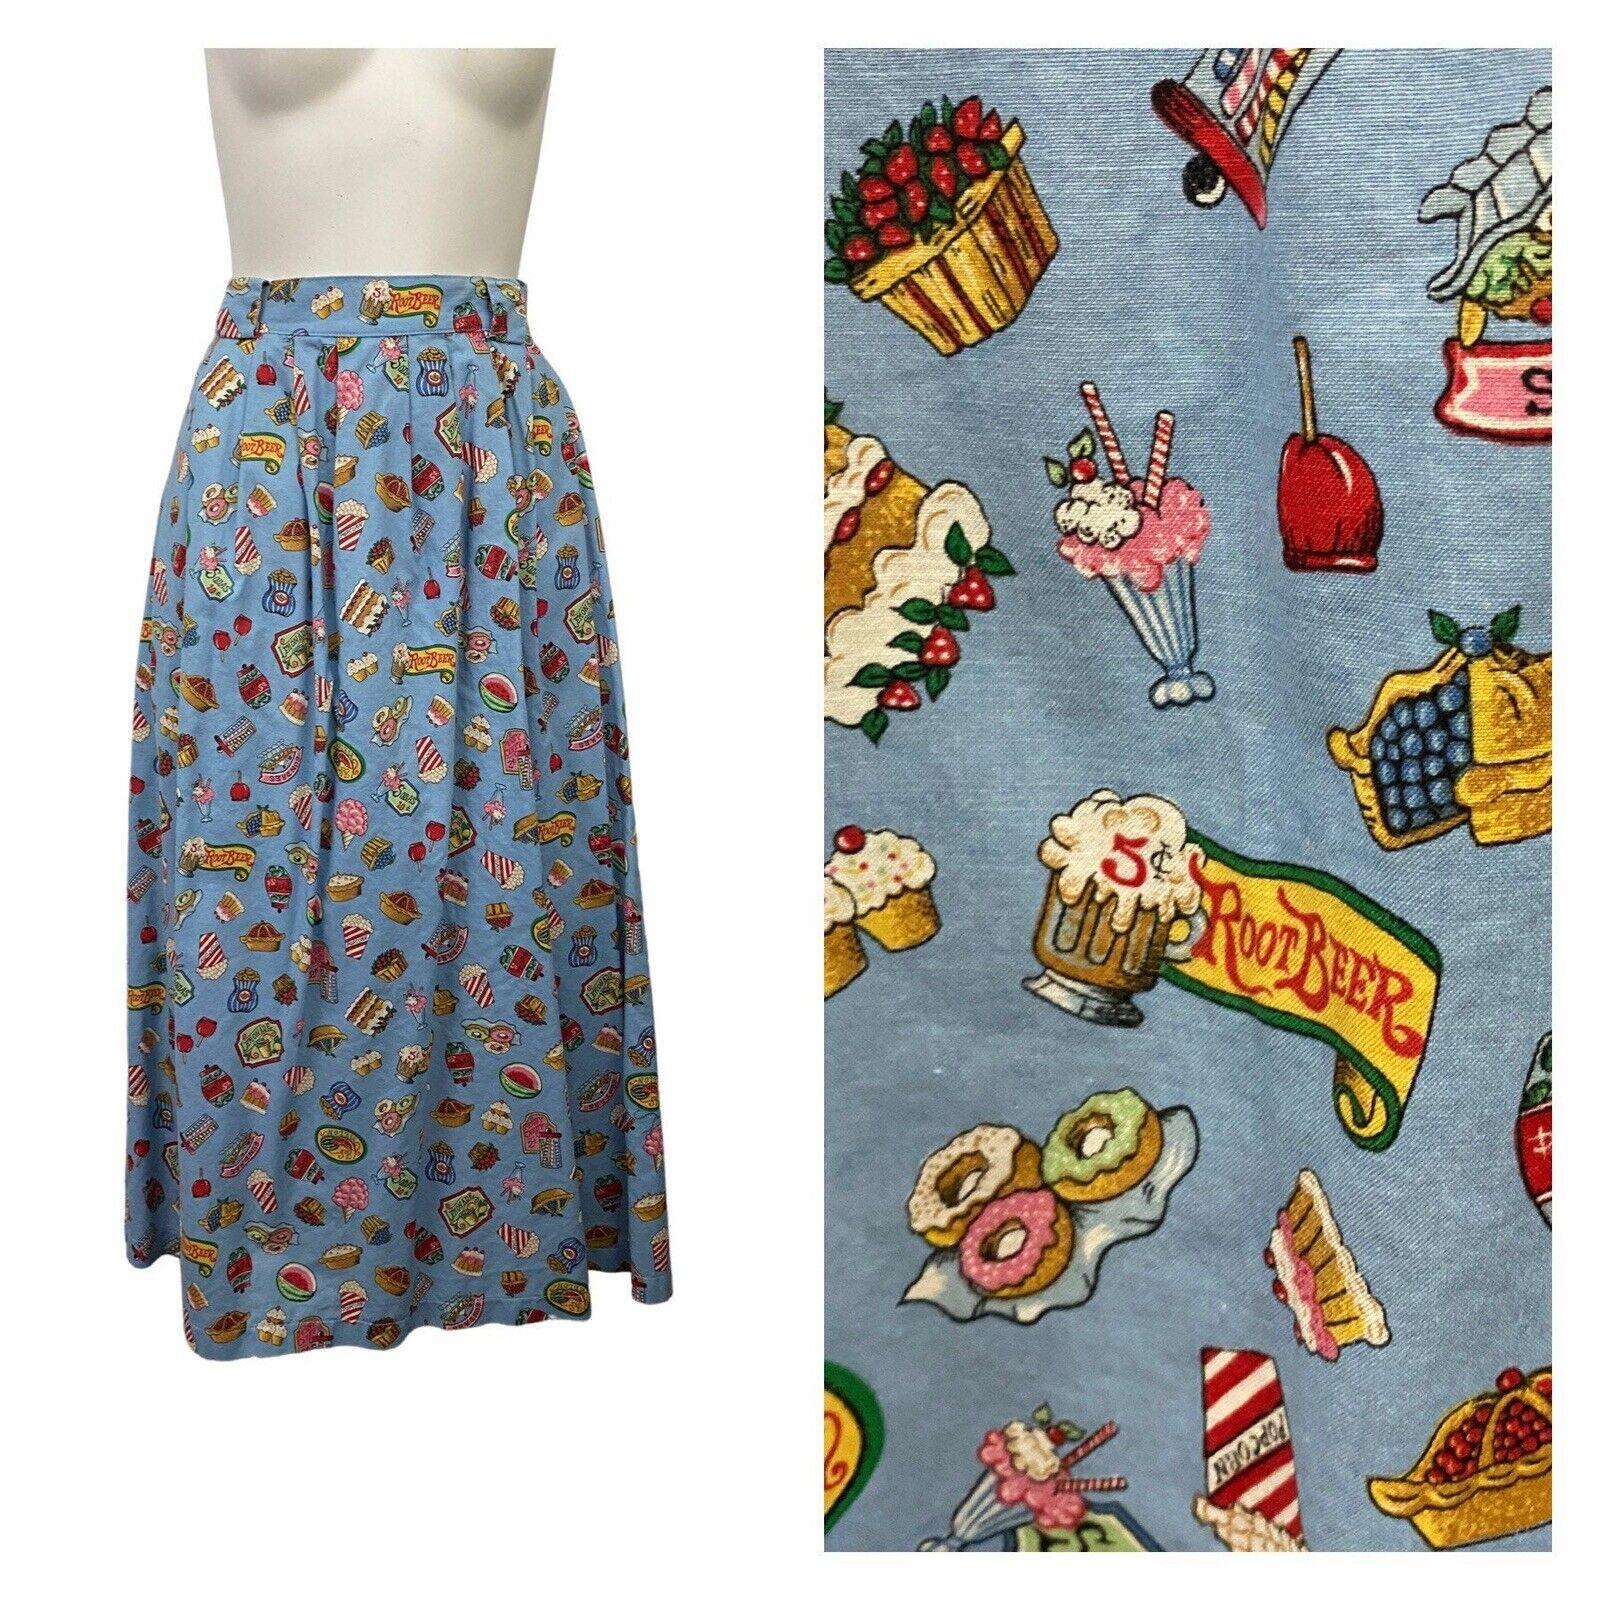 1980s Novelty Print Skirt / Snack Dessert Print F… - image 1